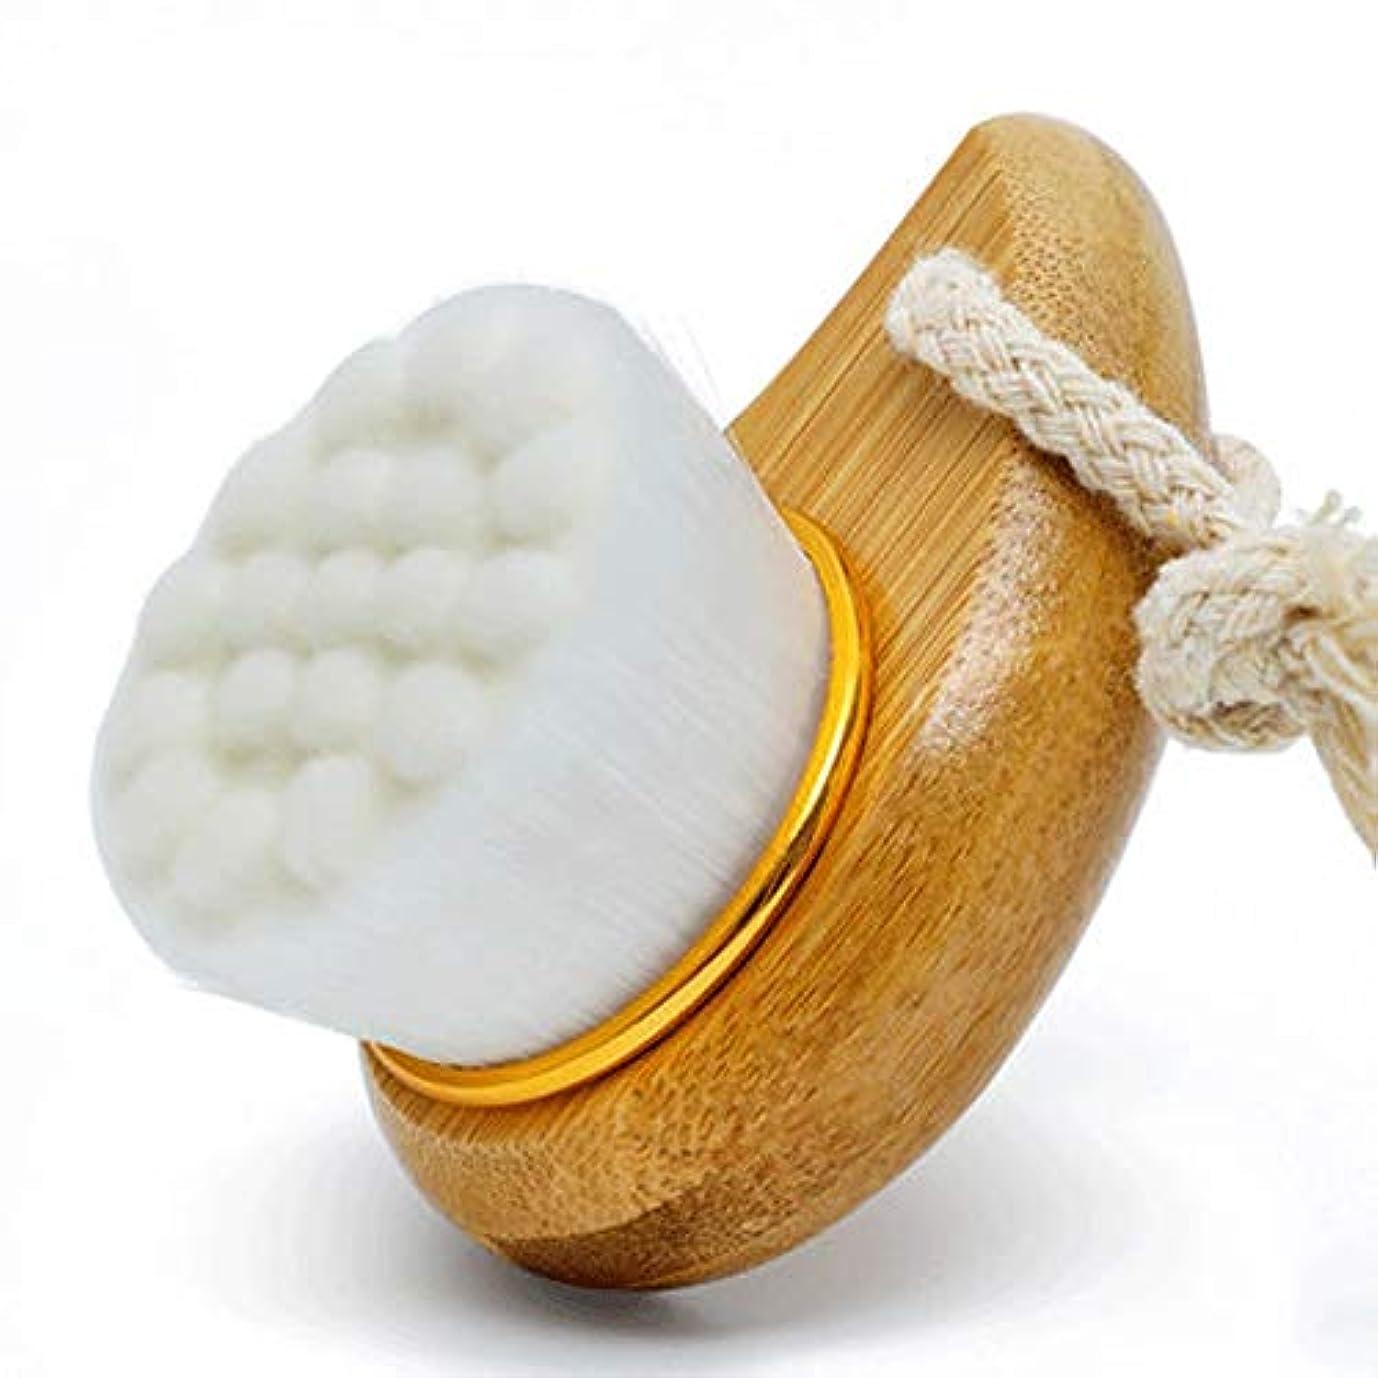 温度計絶滅したポルノHEHUIHUI- クレンジングブラシ、防水ディープクレンジングポア、電気剥離、にきび、アンチエイジングクレンジングブラシ(ホワイト) (Color : White)